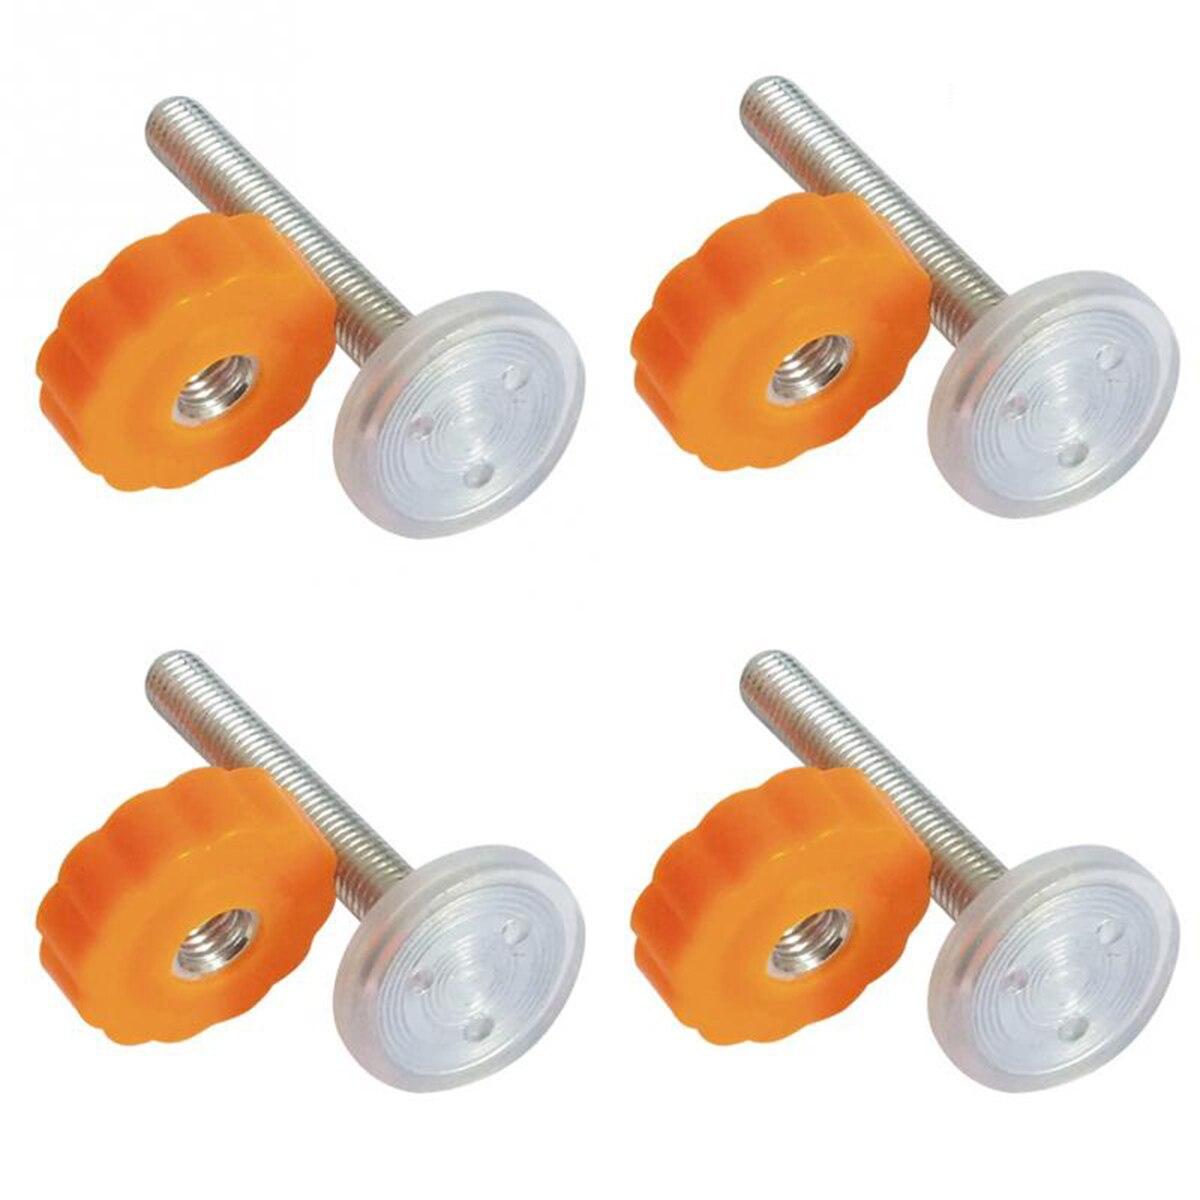 4 pcs Pression Bébé Porte Vis Tige Filetée Tiges À Pied À Travers Portes Accessoire-M10 x 10mm